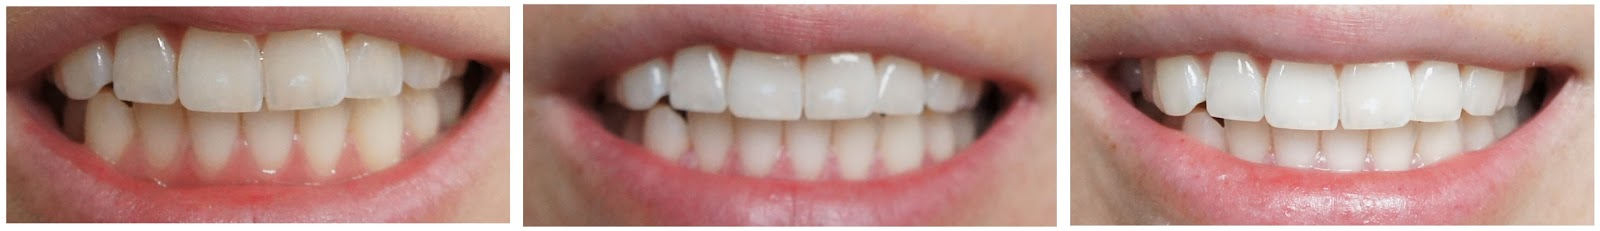 Endlich weiße Zähne